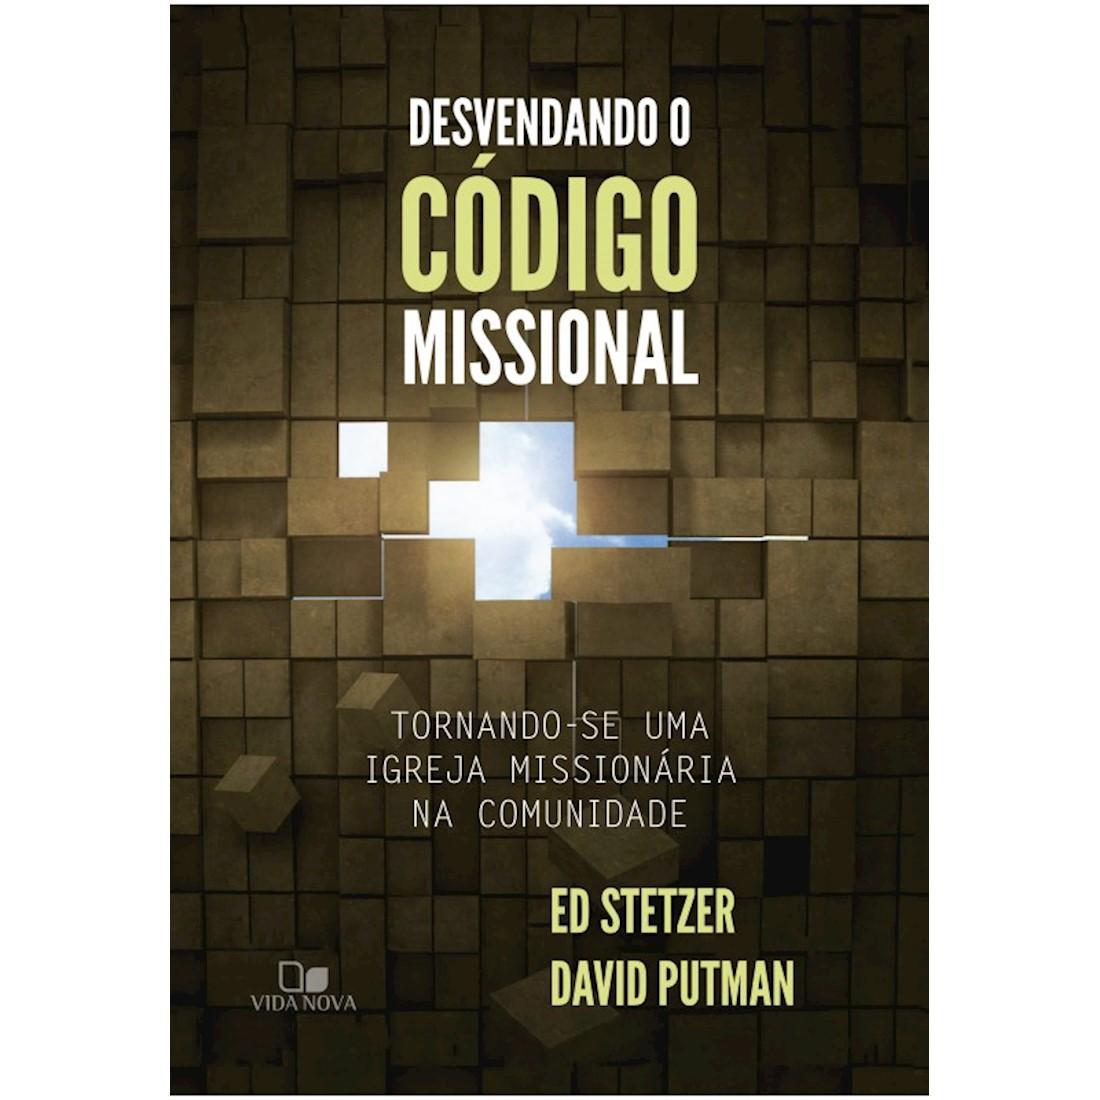 Livro Desvendando o Código Missional